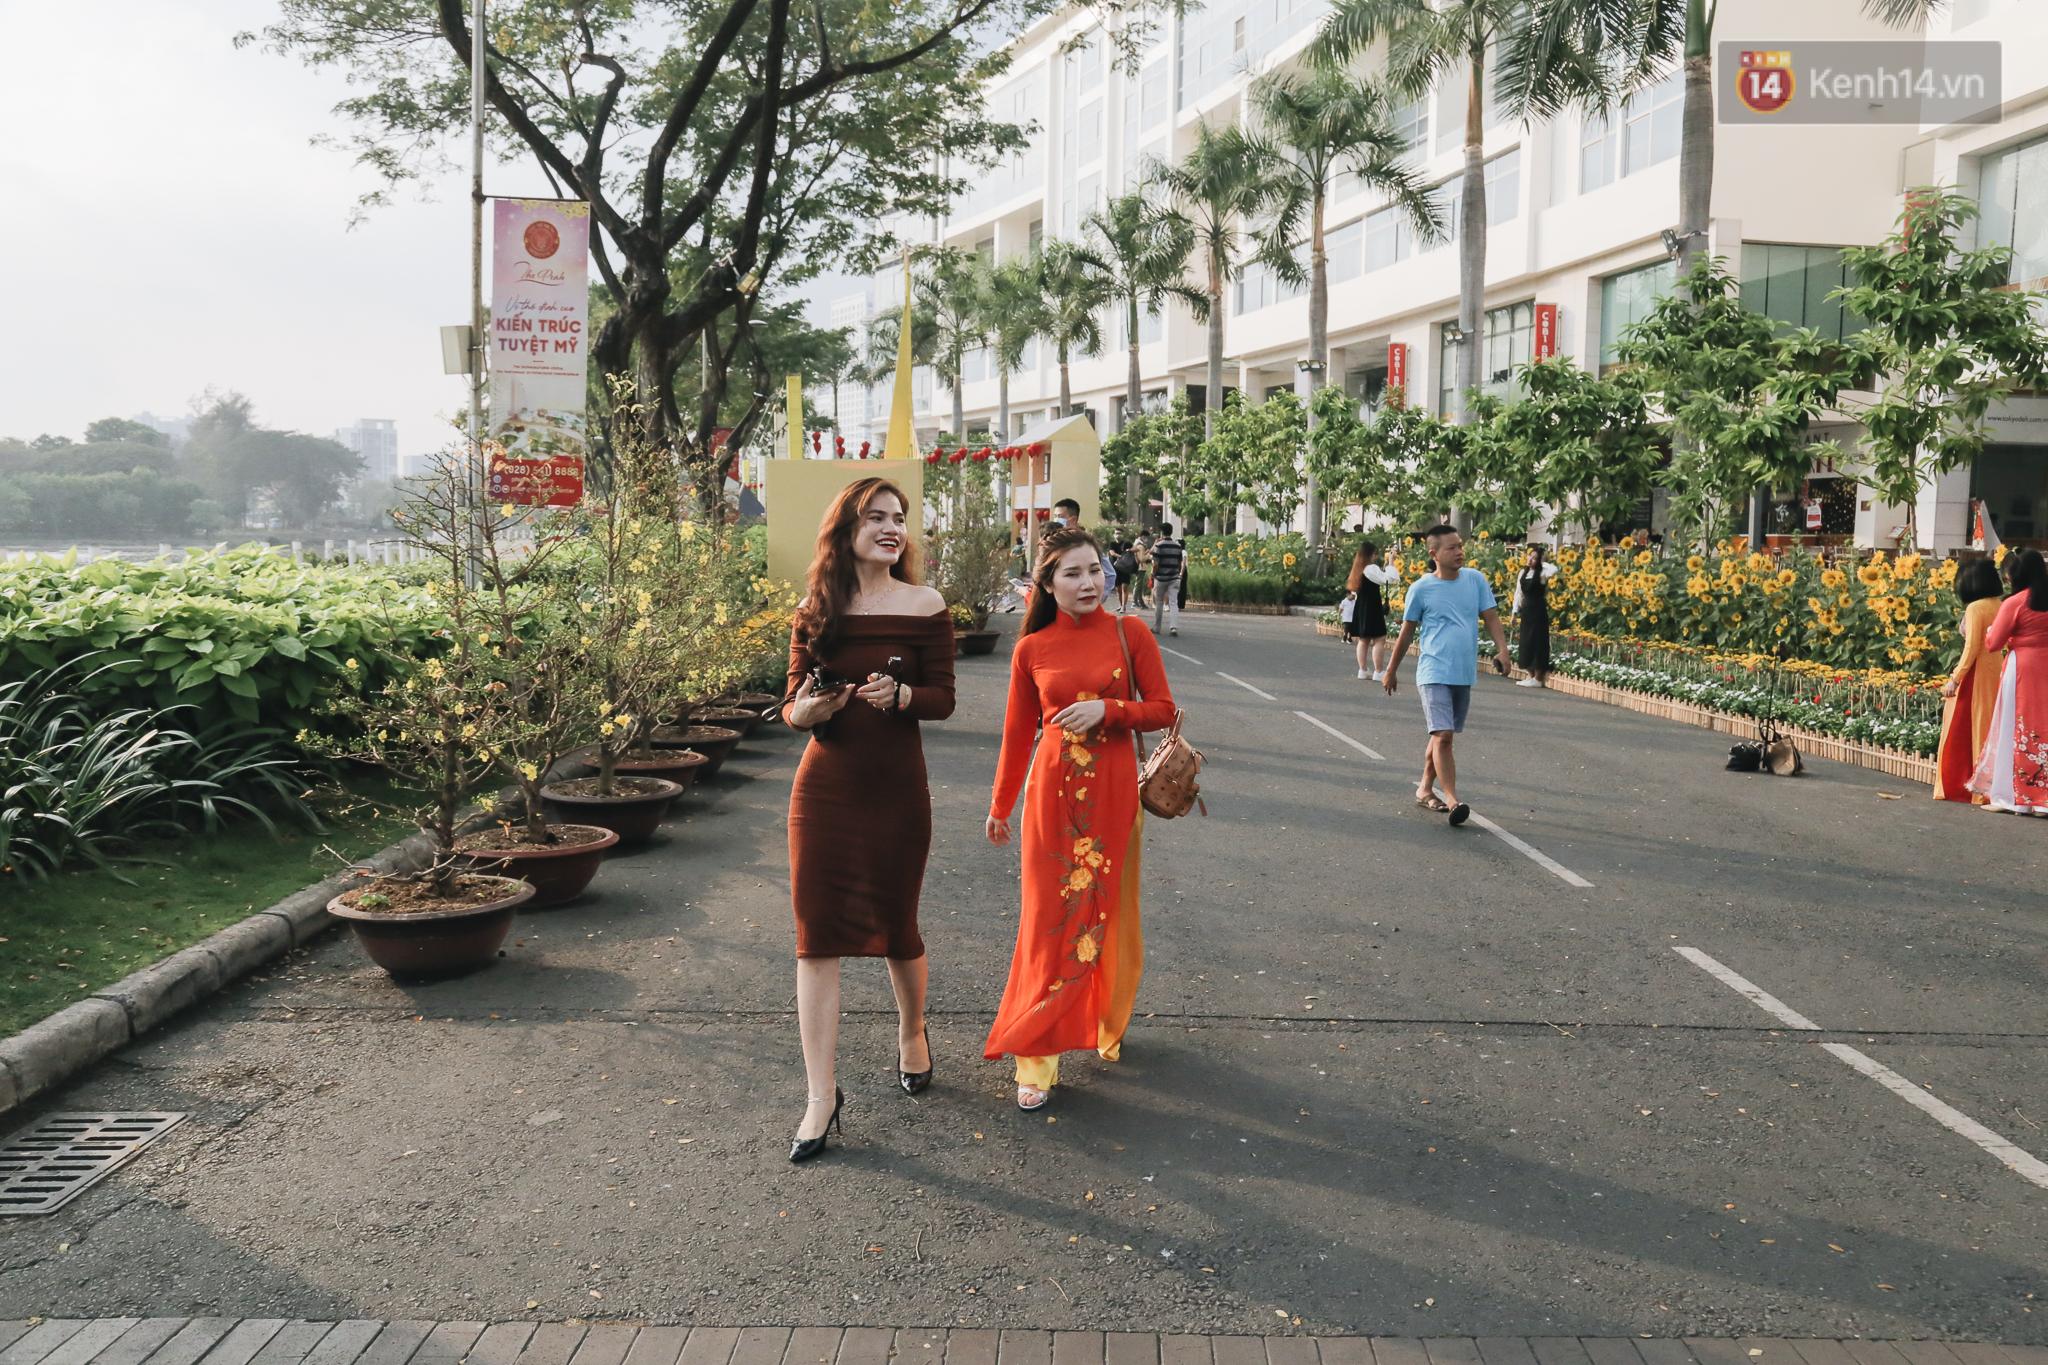 Cận cảnh đường hoa Tết Tân Sửu 2021 phong cách tối giản tại phố nhà giàu Sài Gòn - Ảnh 7.